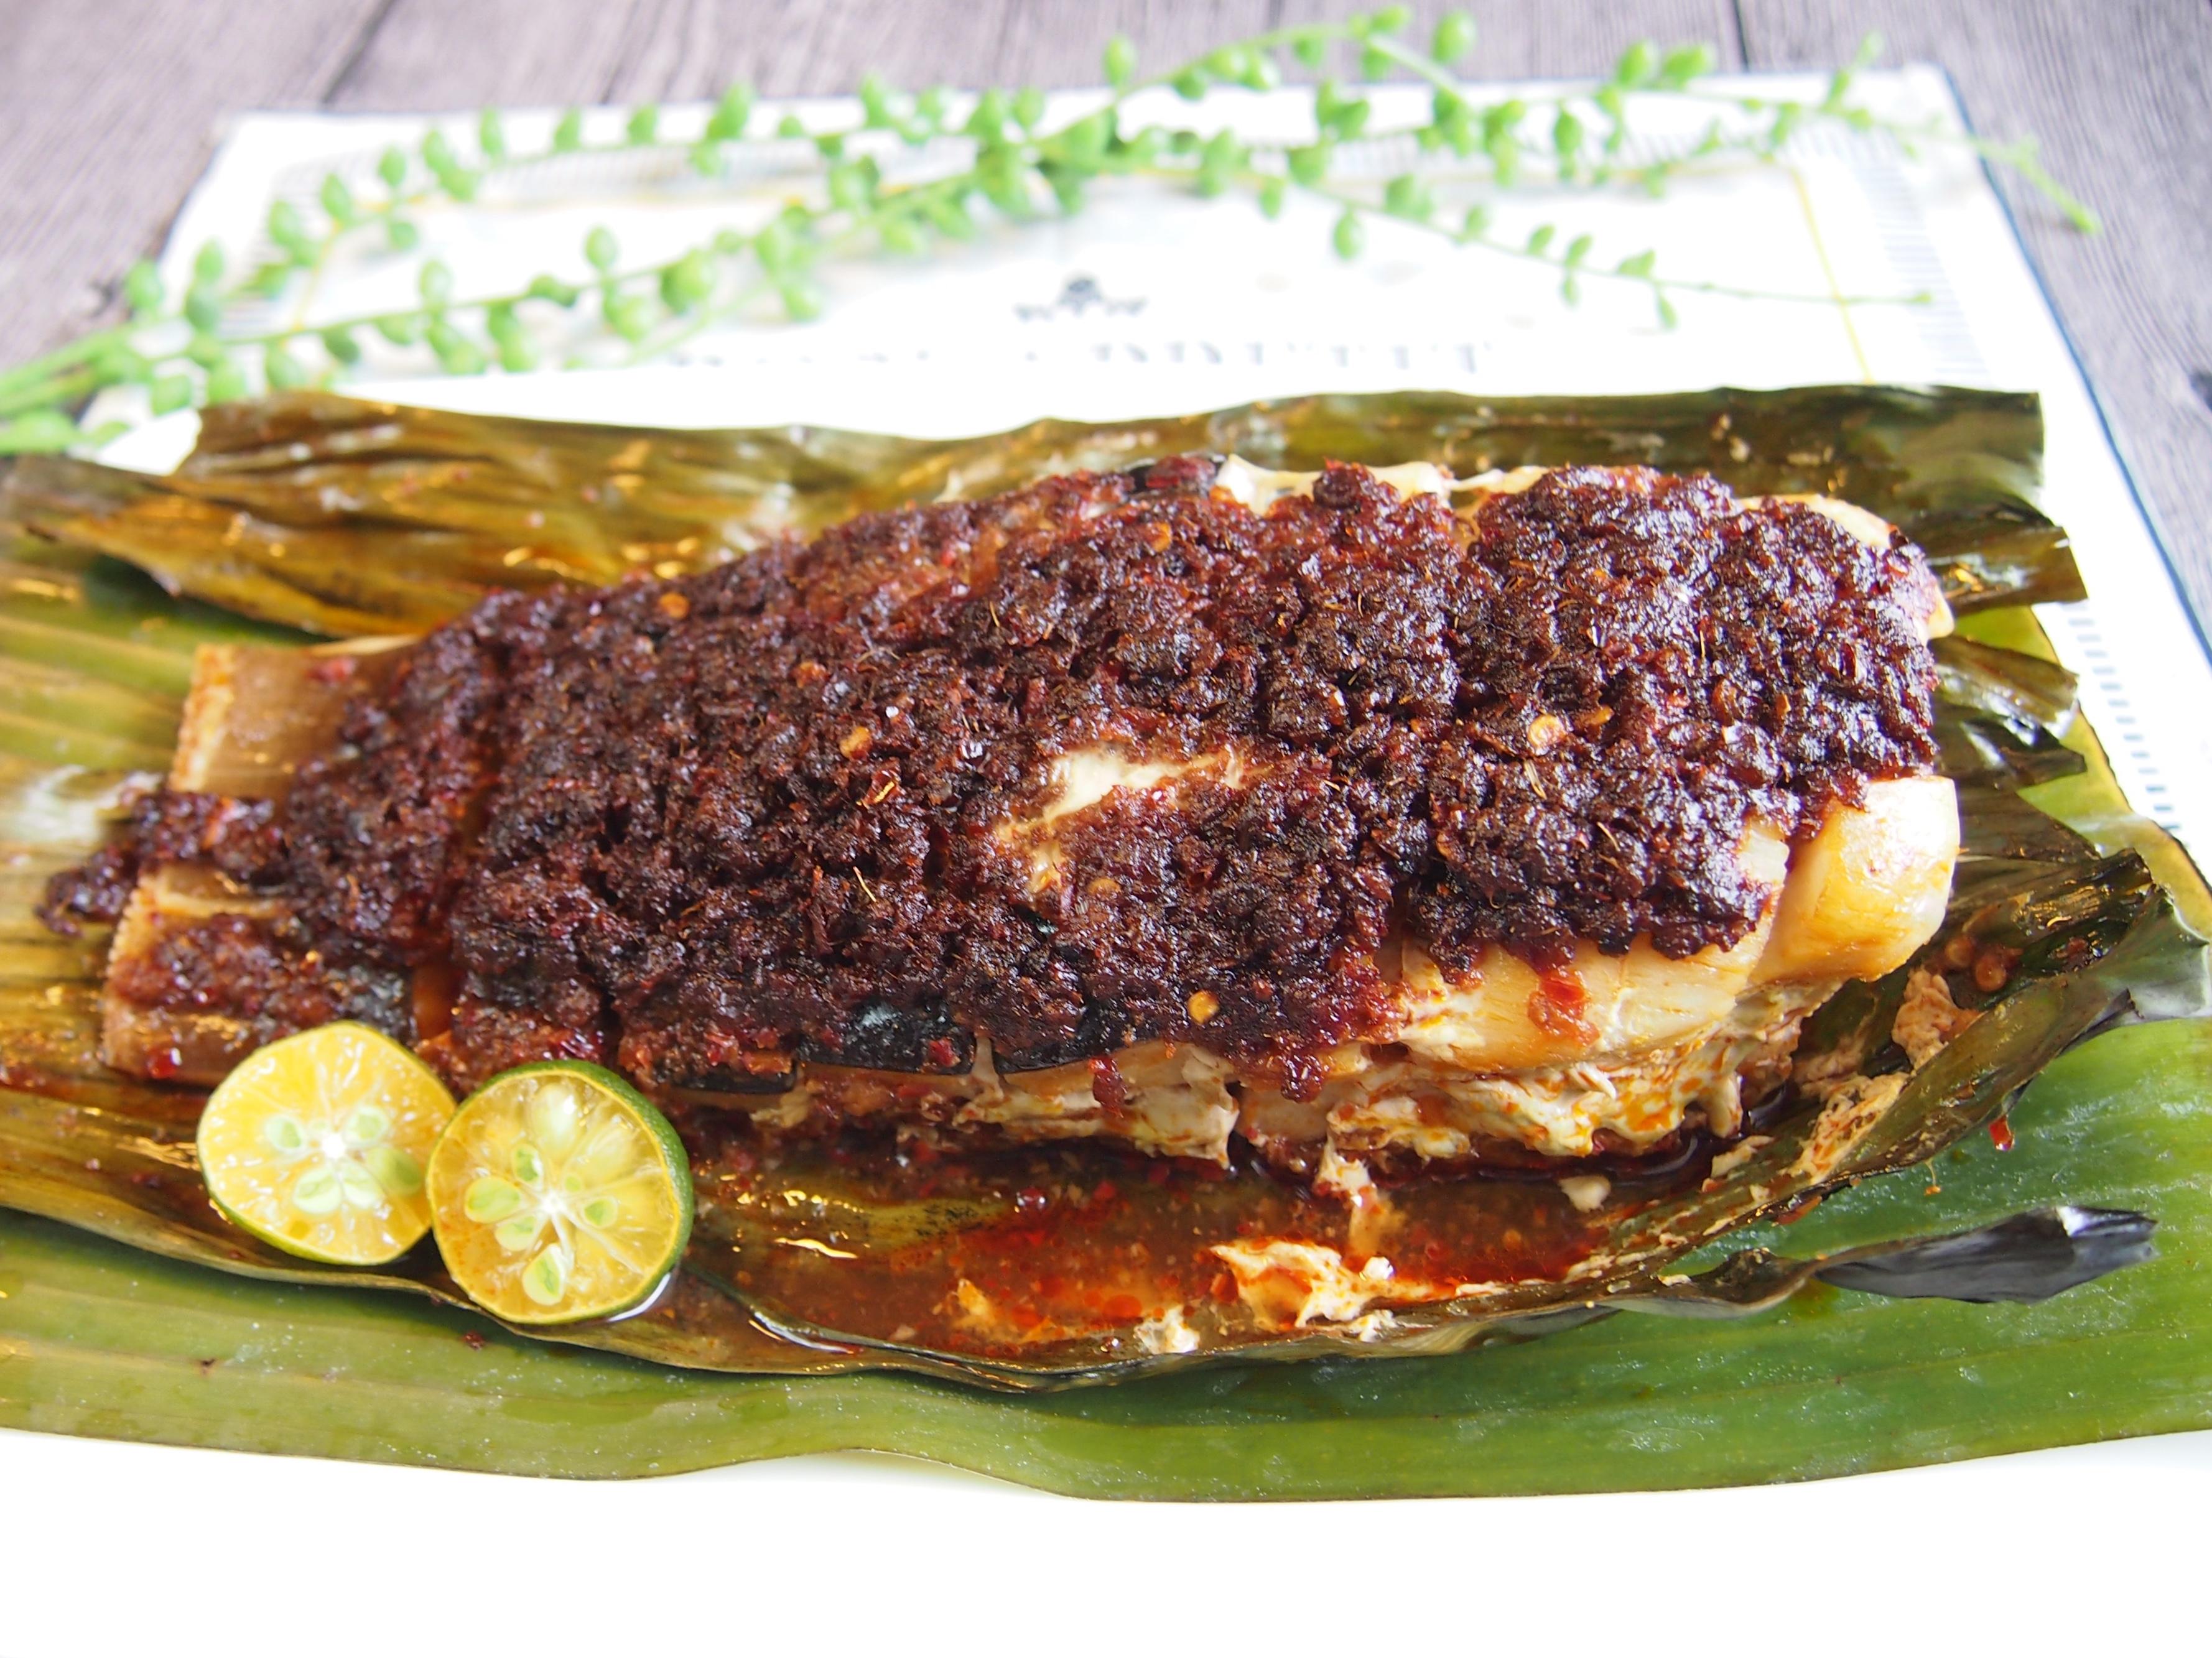 SUPER EASY Oven-Baked Sambal Fish (Stingray) 三岜魔鬼鱼 Ikan Bakar/Panggang